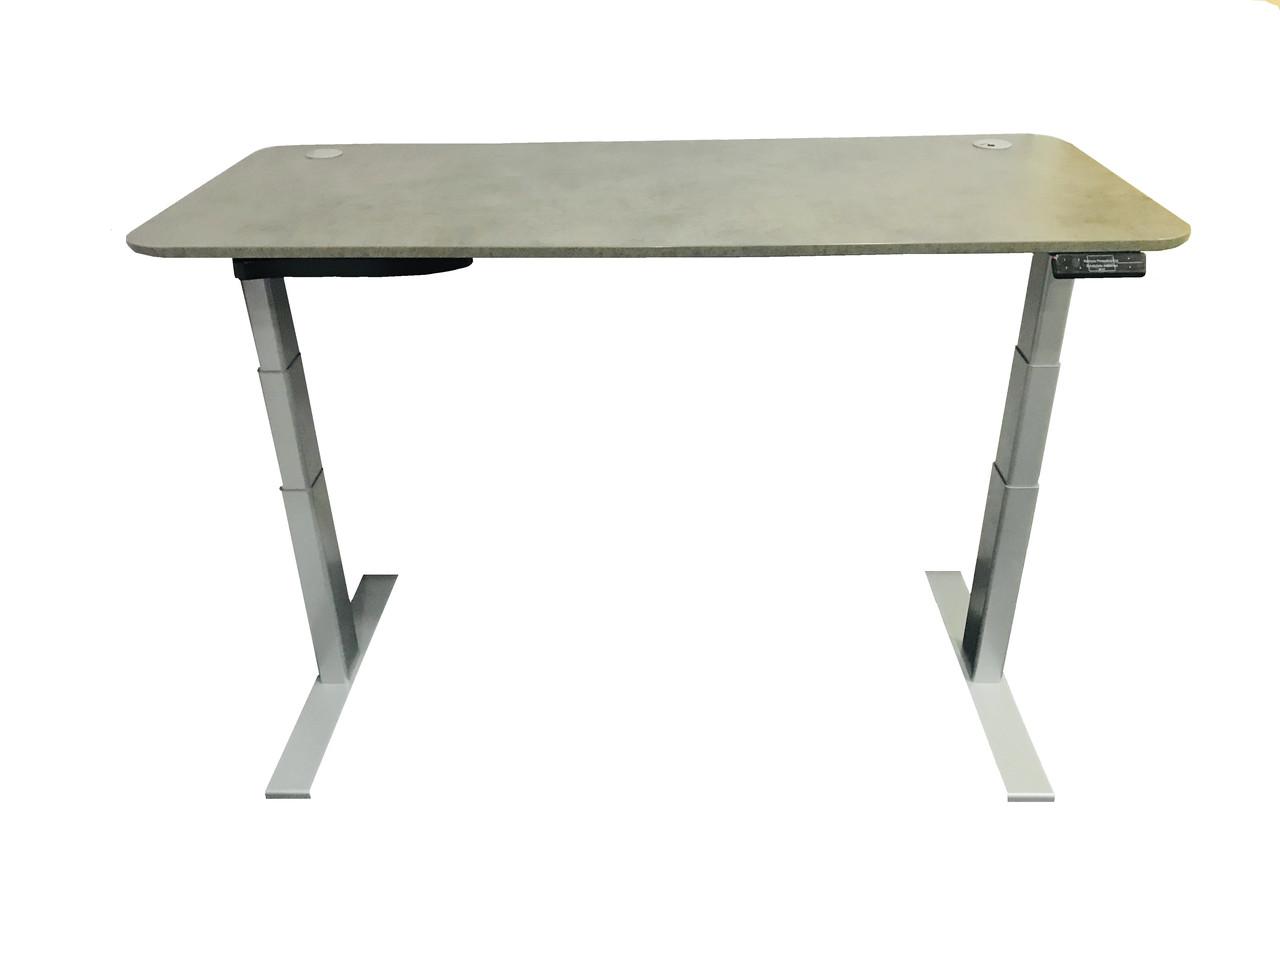 Suspa ELS3 650 Эргономичный стол для работы стоя и сидя регулируемый по высоте электроприводом